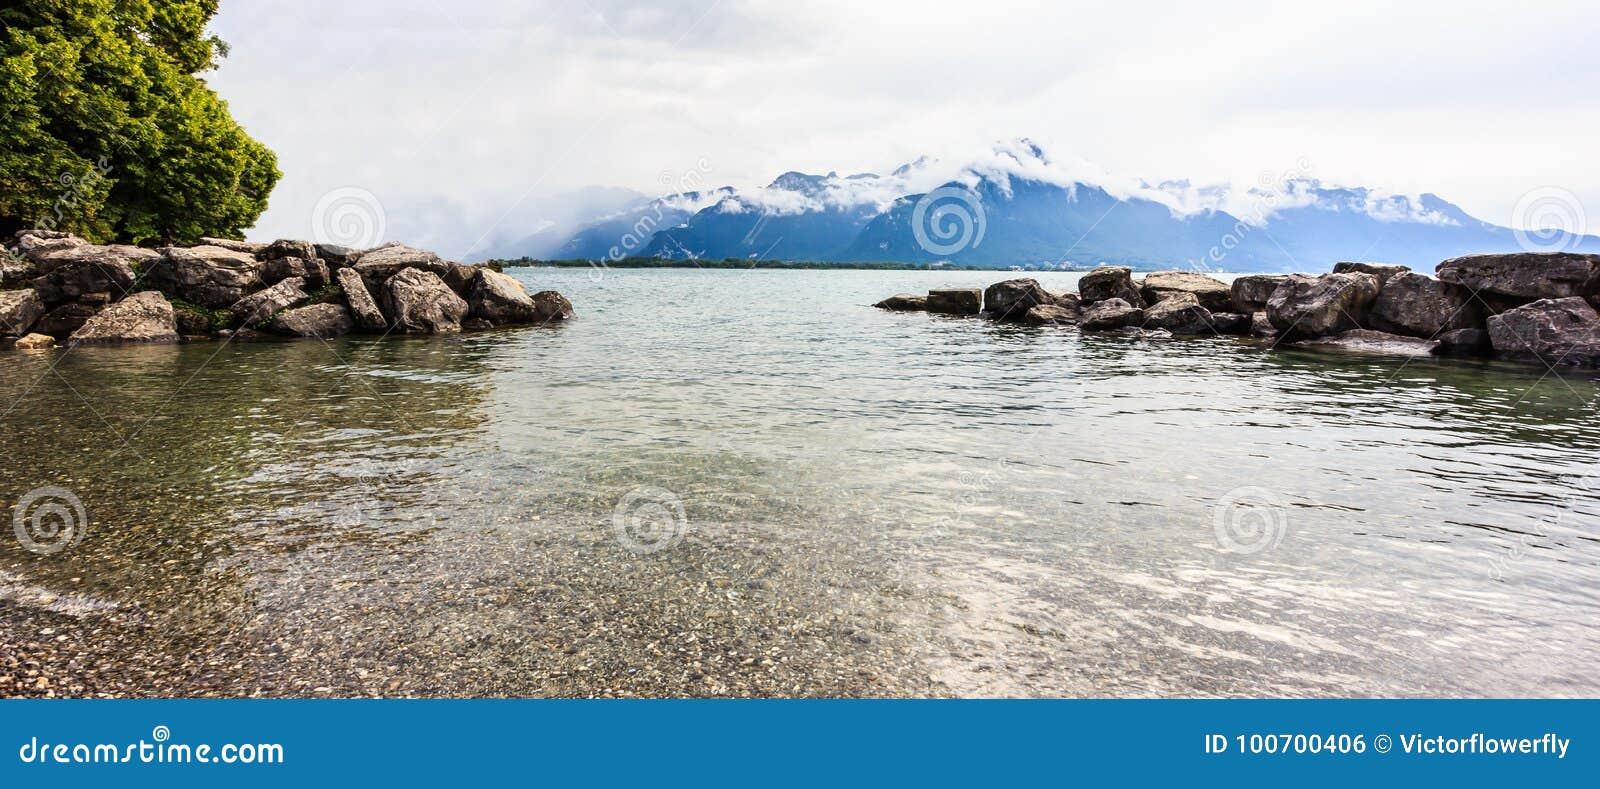 Panoramiczny widok Jeziorny Genewa z szwajcarskim alps tłem, jeden Szwajcaria ` s najwięcej pływających statkiem jezior w Europa,